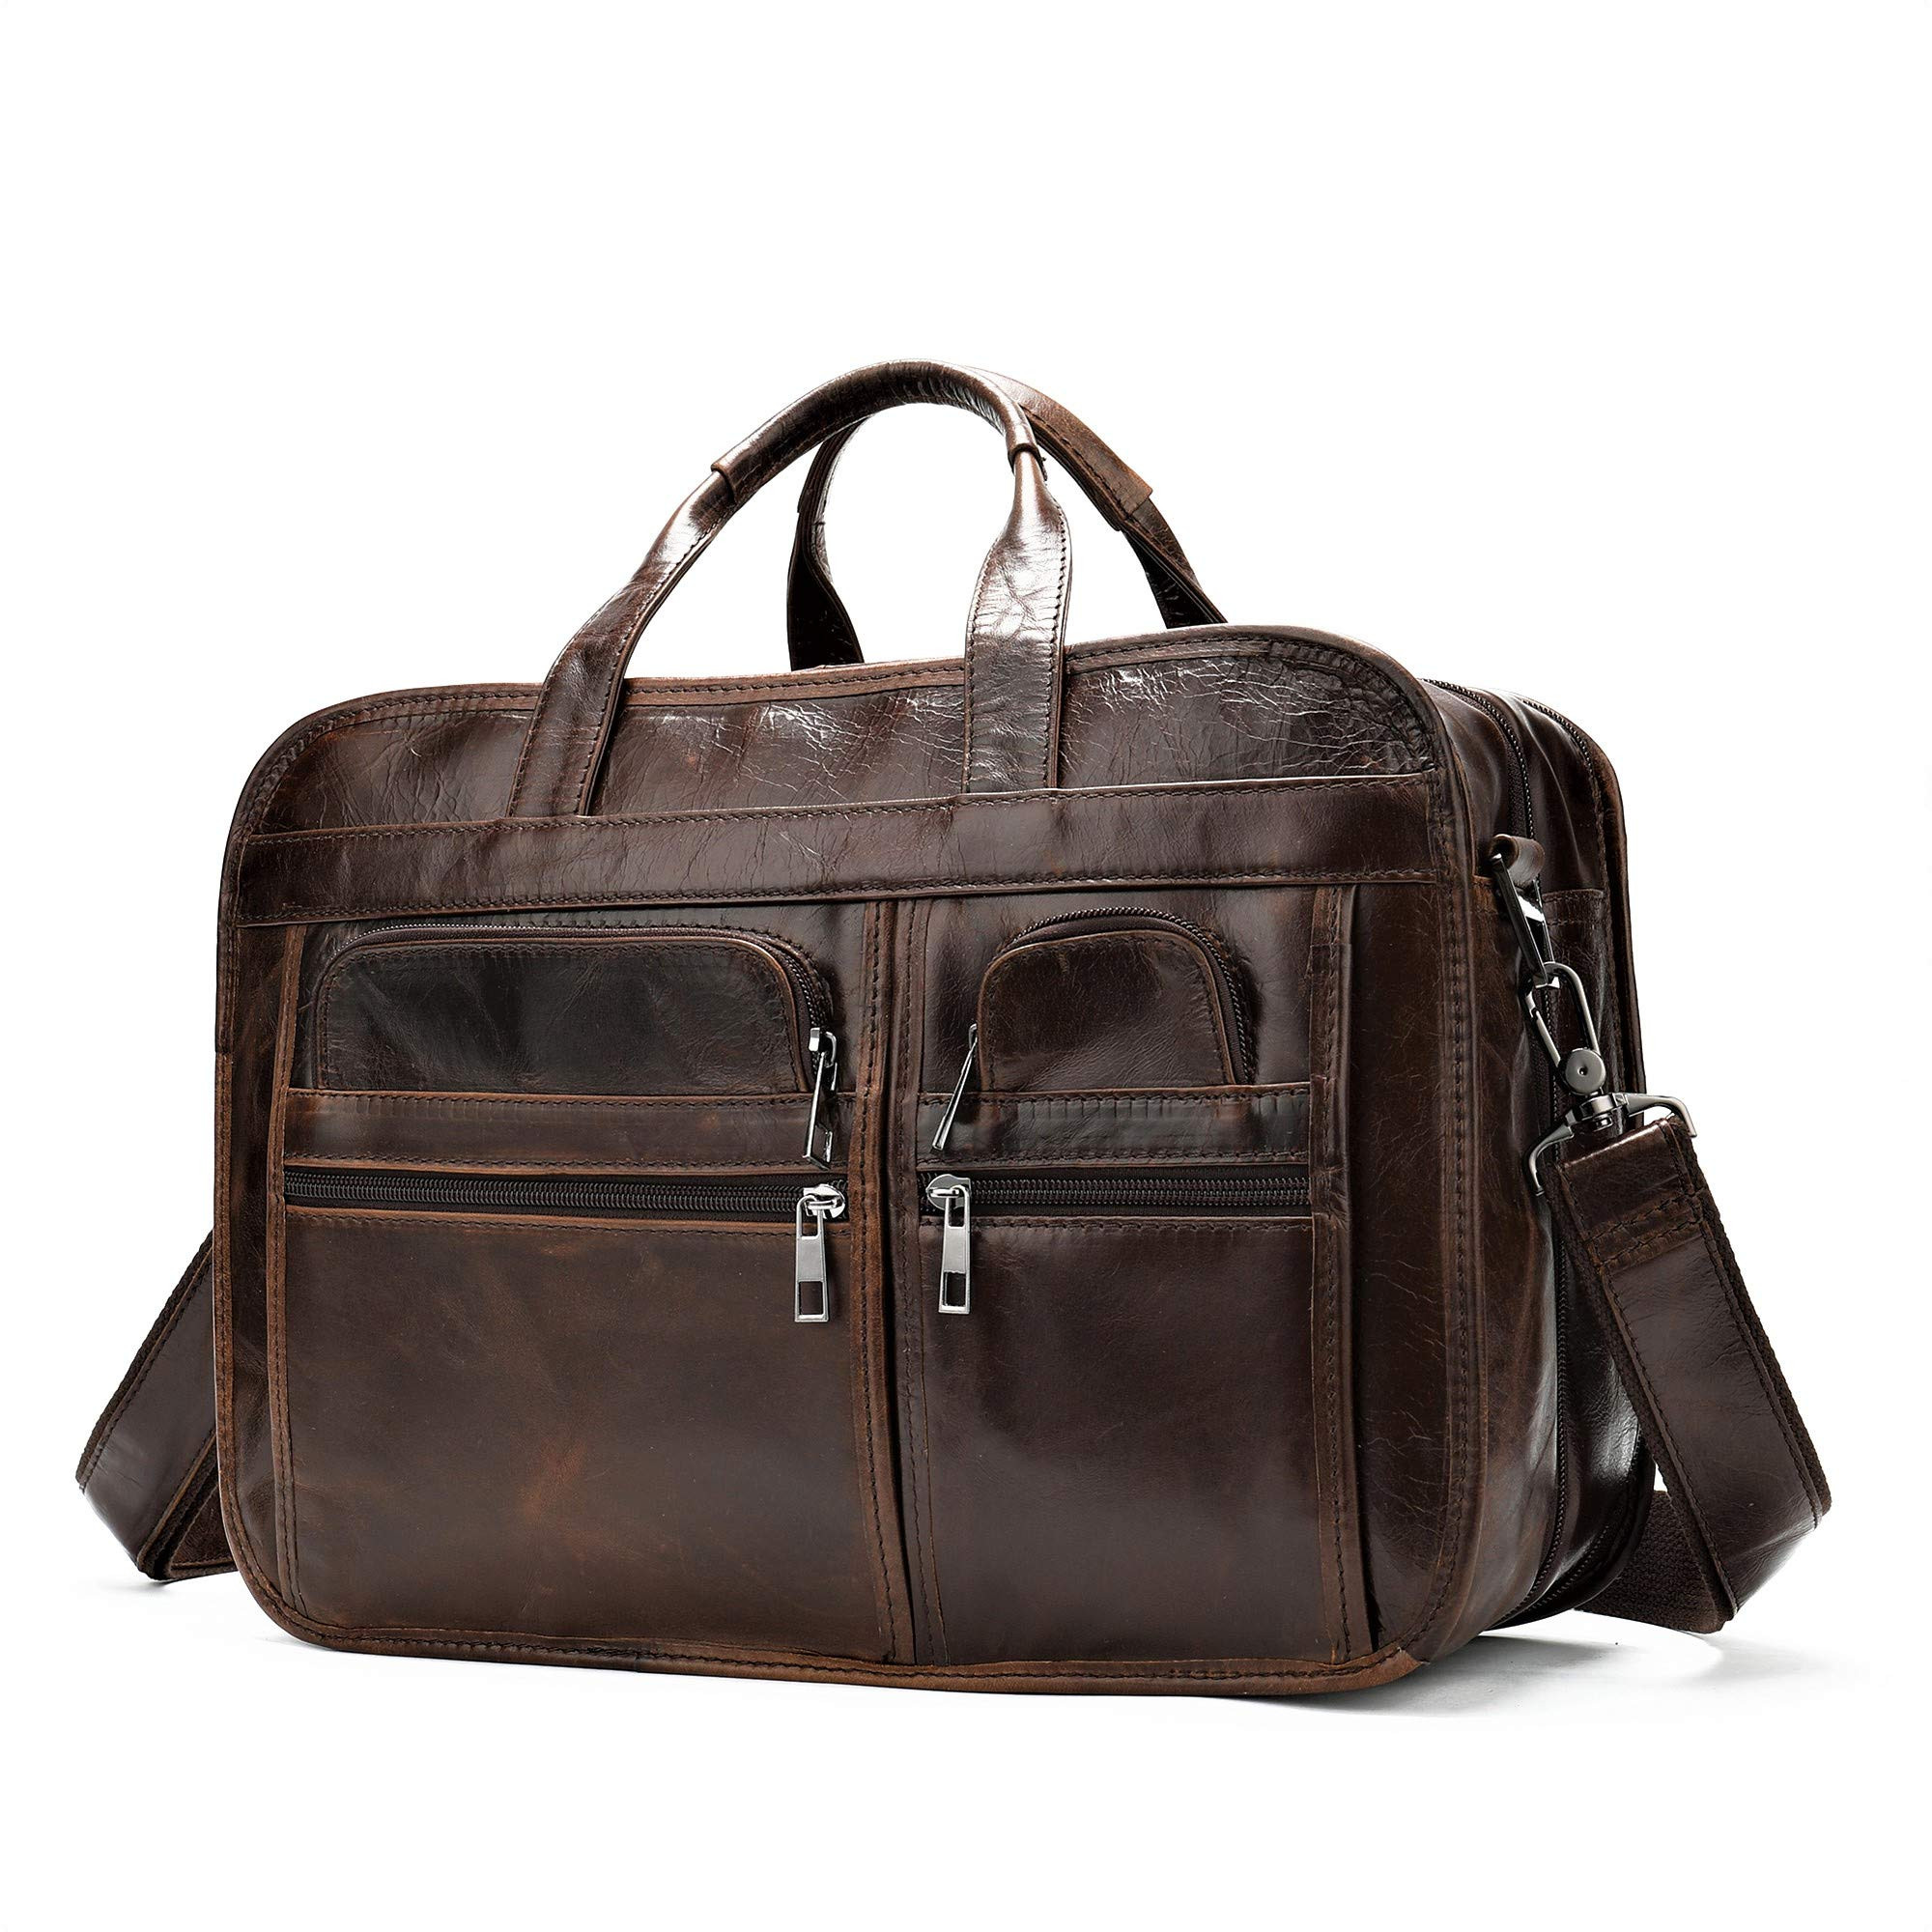 Genuine Leather Messenger Bag Briefcase for Men,Laptop Tote Bag,Shoulder Satchel or Crossbody Bag 15.4 inch(Dark Brown)